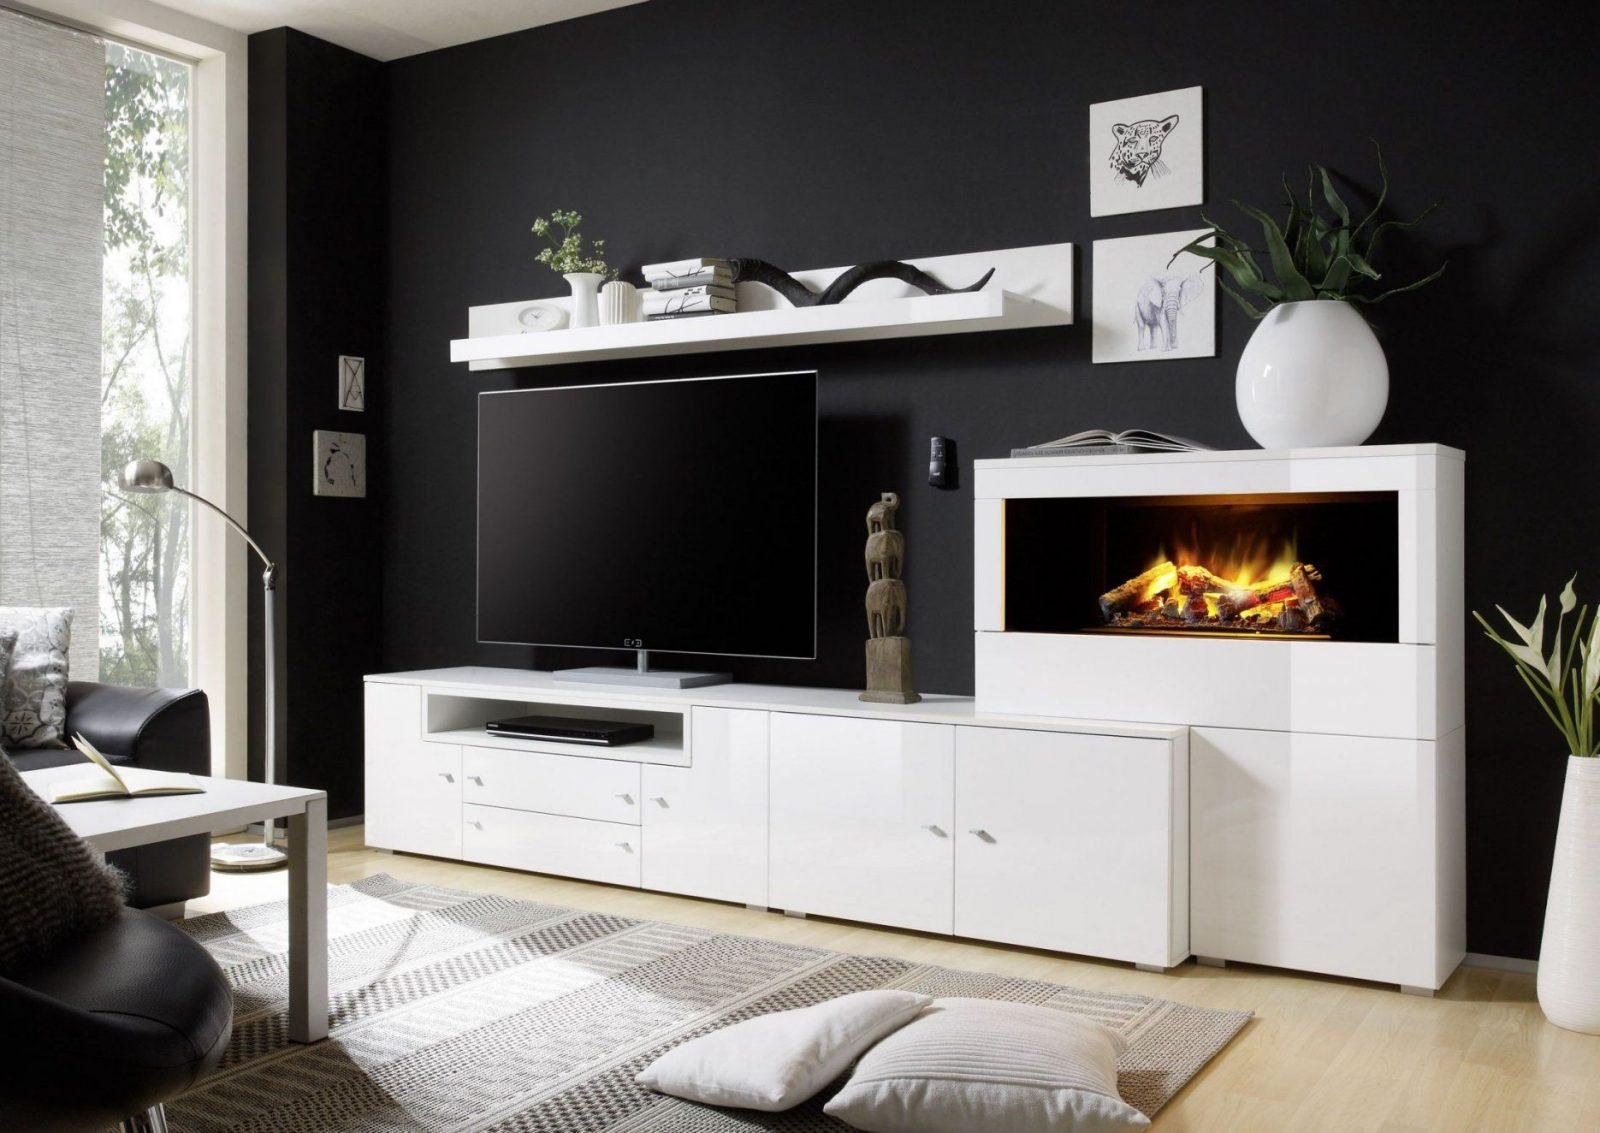 Wand Elektrokamin Elegant Wohnwand In Weiss Hochglanz Mit von Wohnwand Weiß Hochglanz Holz Bild